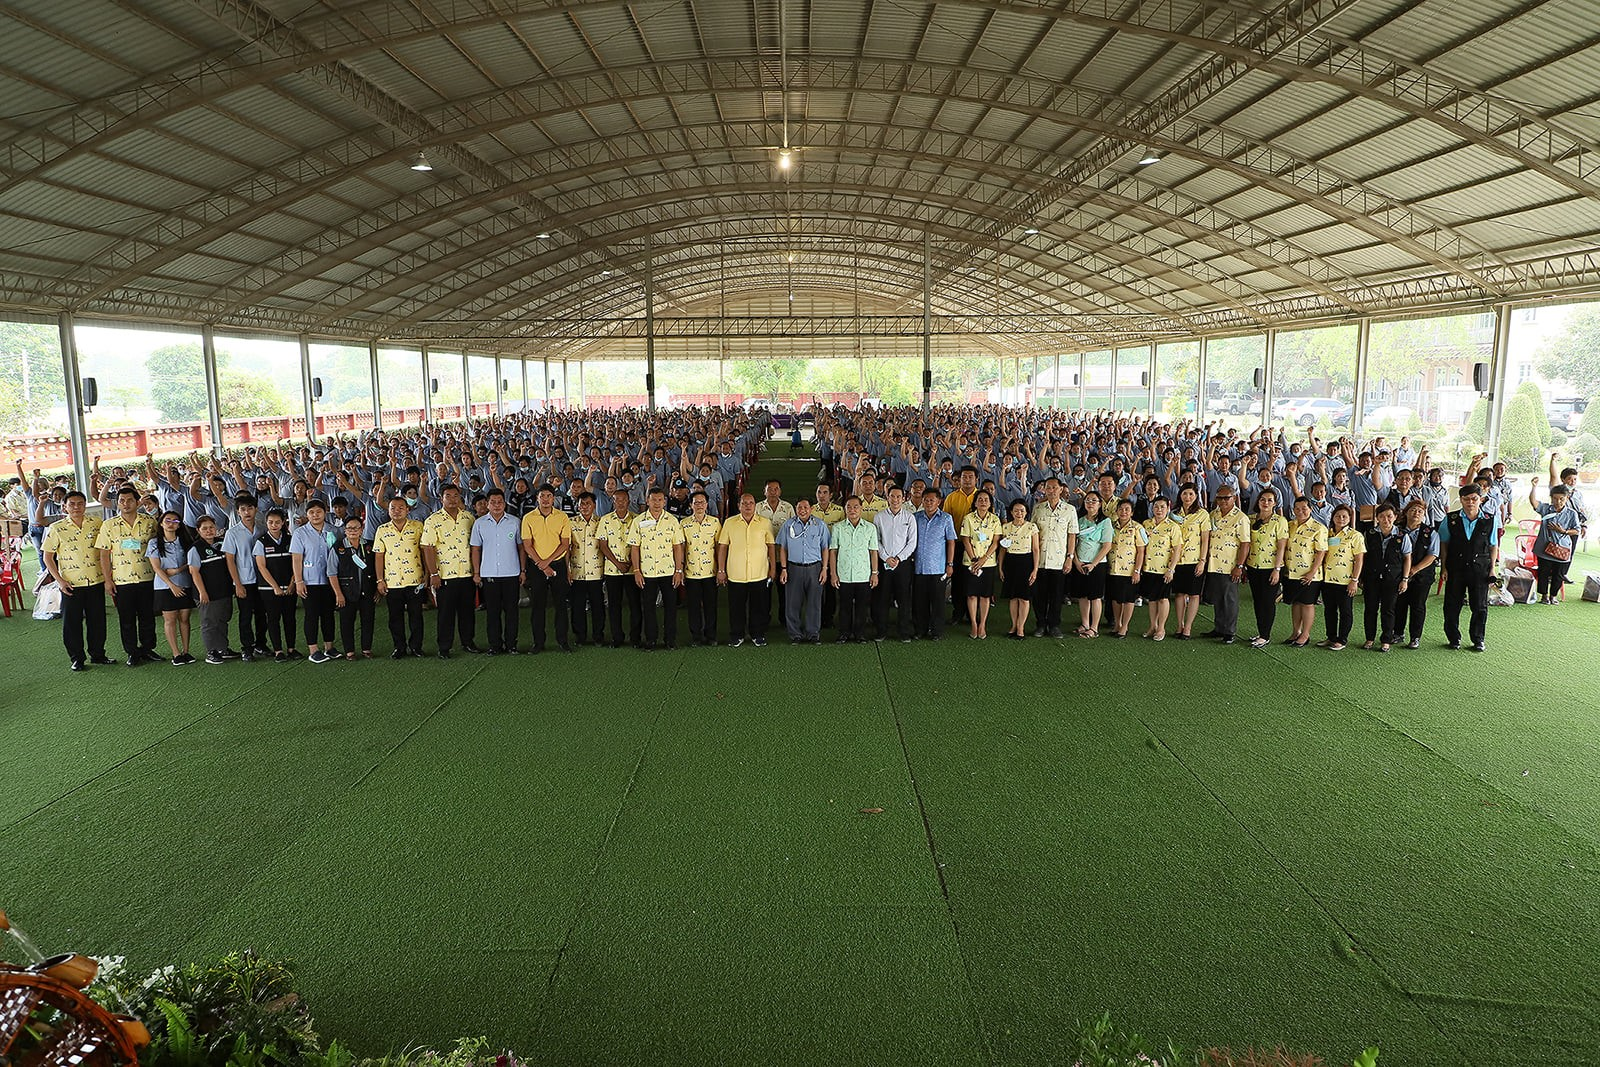 อบจ.อ่างทอง จัดโครงการพัฒนาศักยภาพอาสาสมัครสาธารณสุขประจำหมู่บ้าน(อสม.) วันที่ 19 มีนาคม 2546